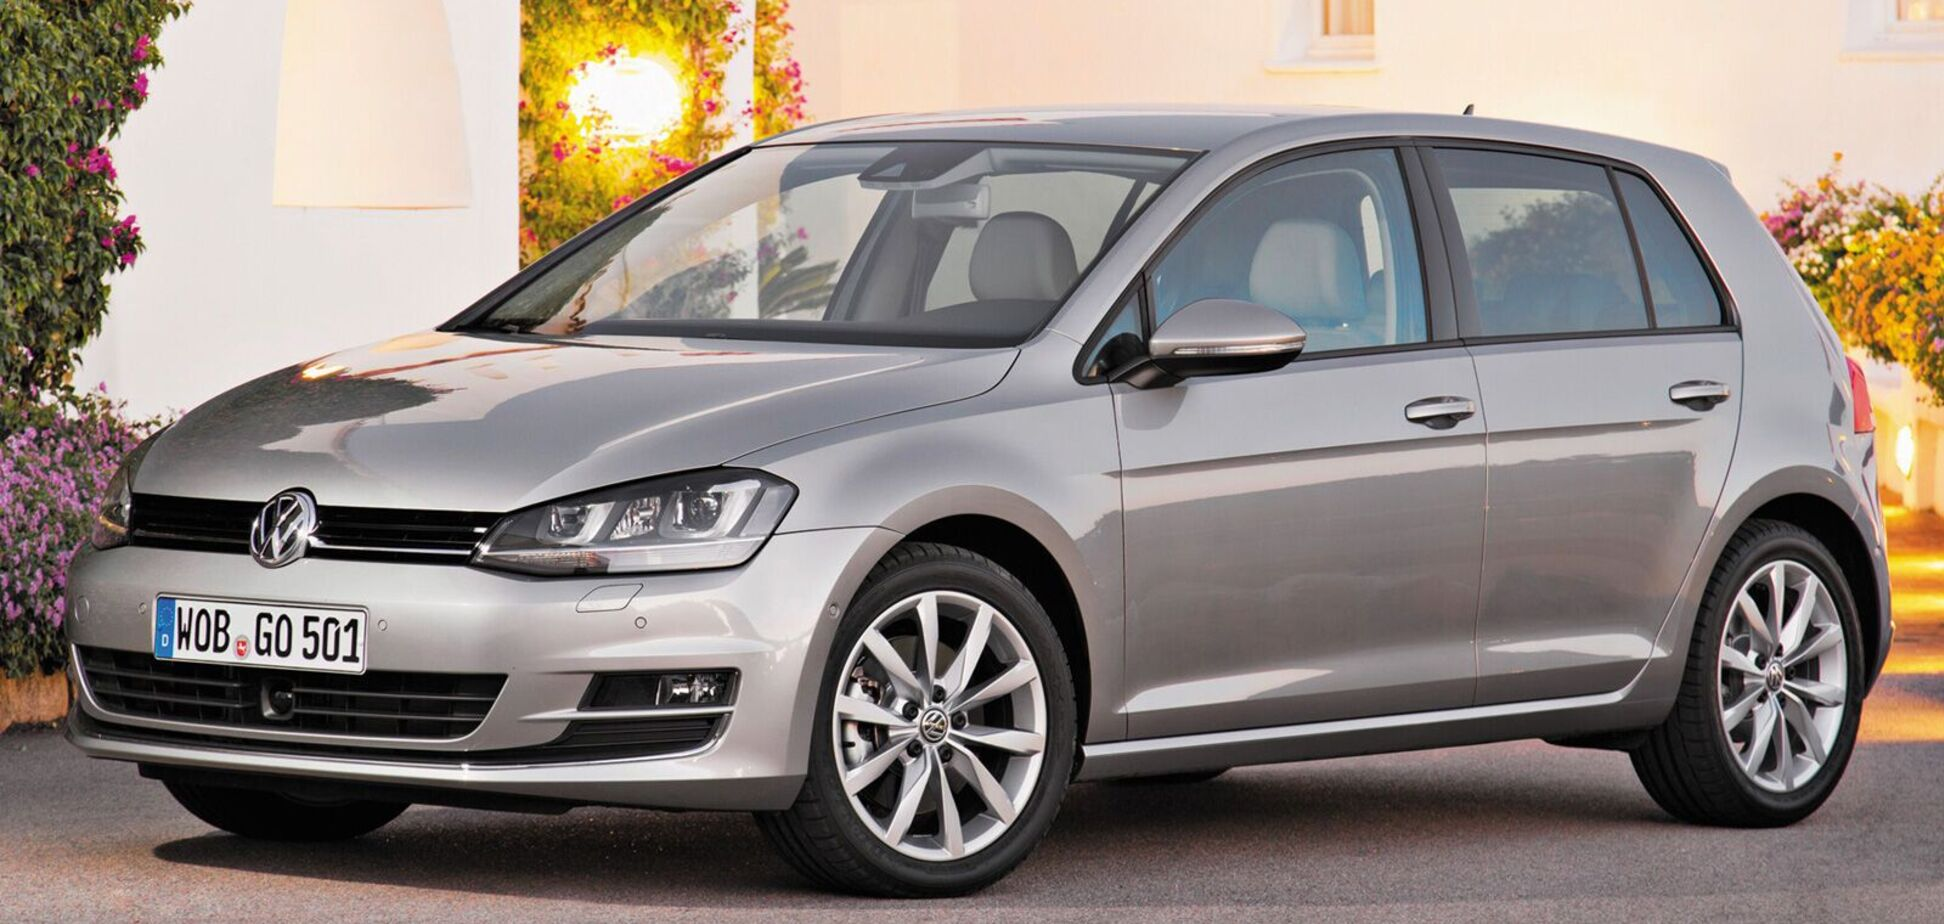 Які авто найчастіше шукають на європейських онлайн-майданчиках: названо моделі